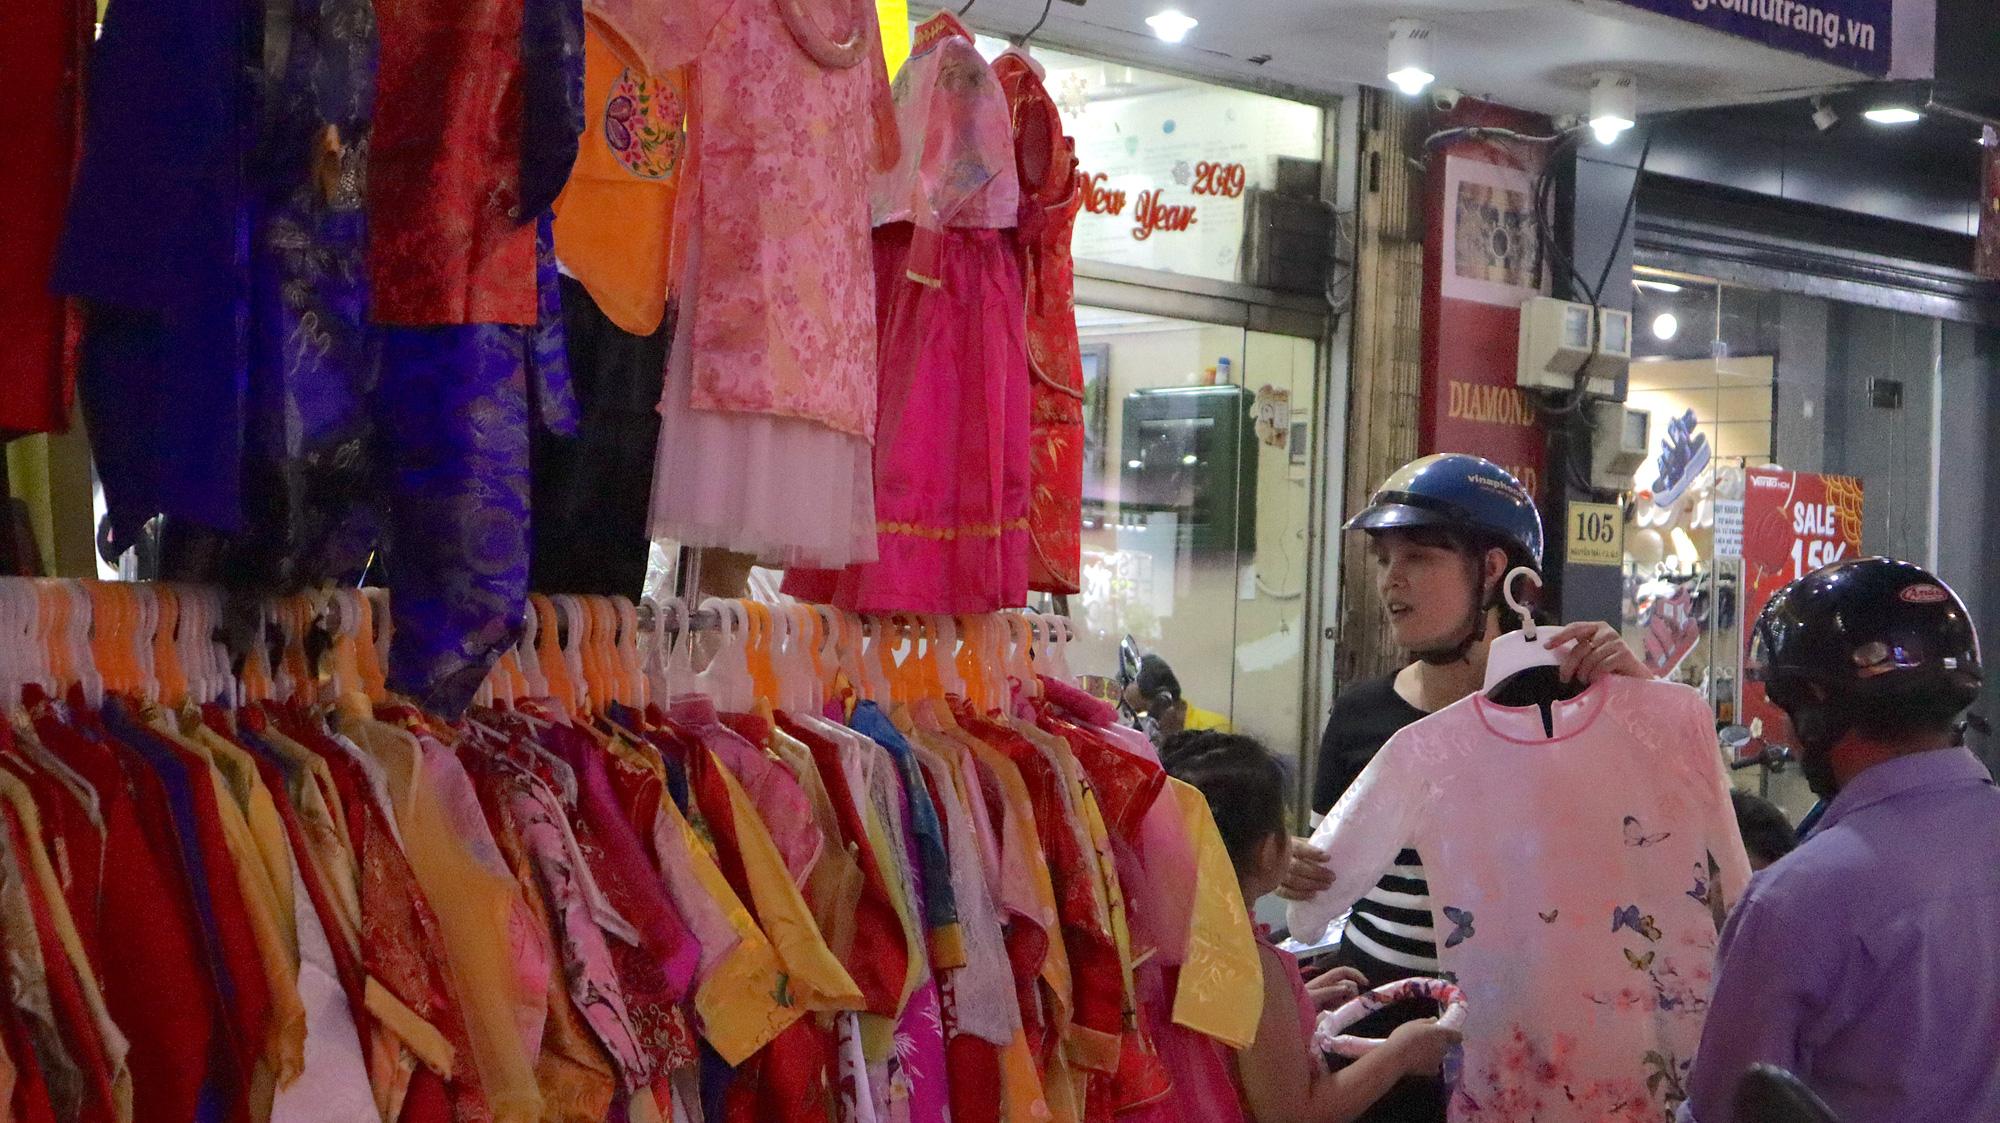 Người dân TP HCM bỏ mặc các shop, chuộng sắm đồ vỉa hè đón Tết - Ảnh 1.